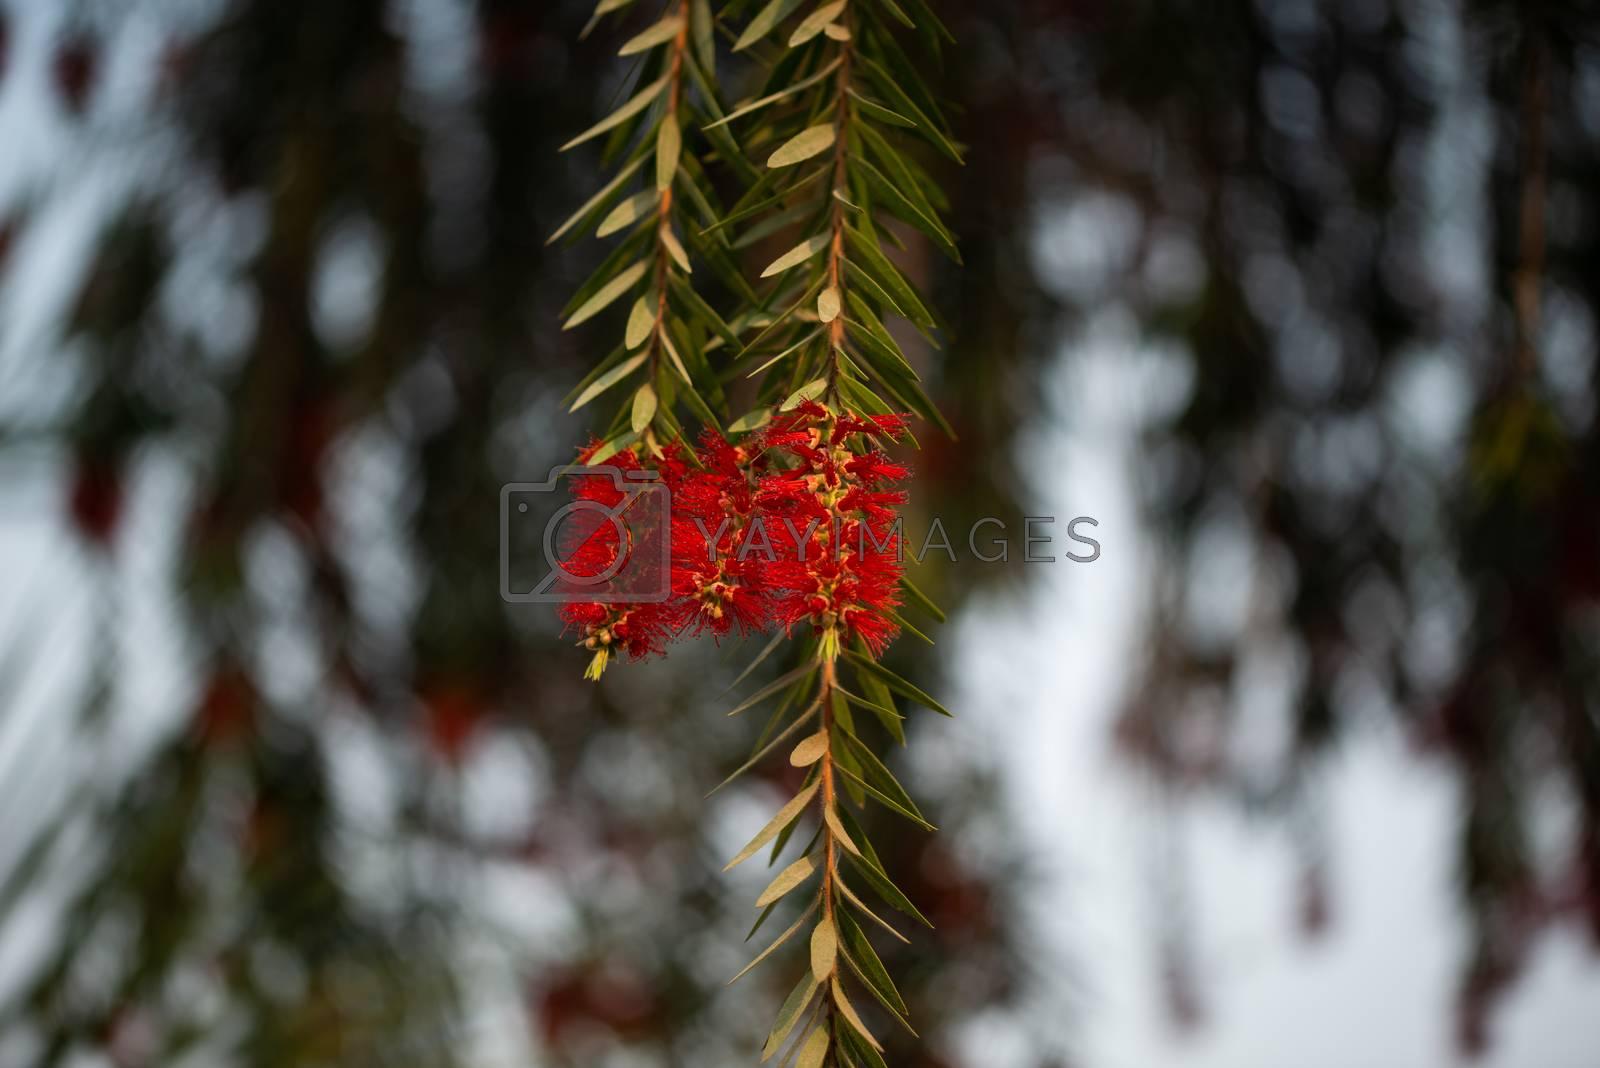 Royalty free image of Flower Callistemon on background bokeh, Bottlebrushes by shaadjutt36